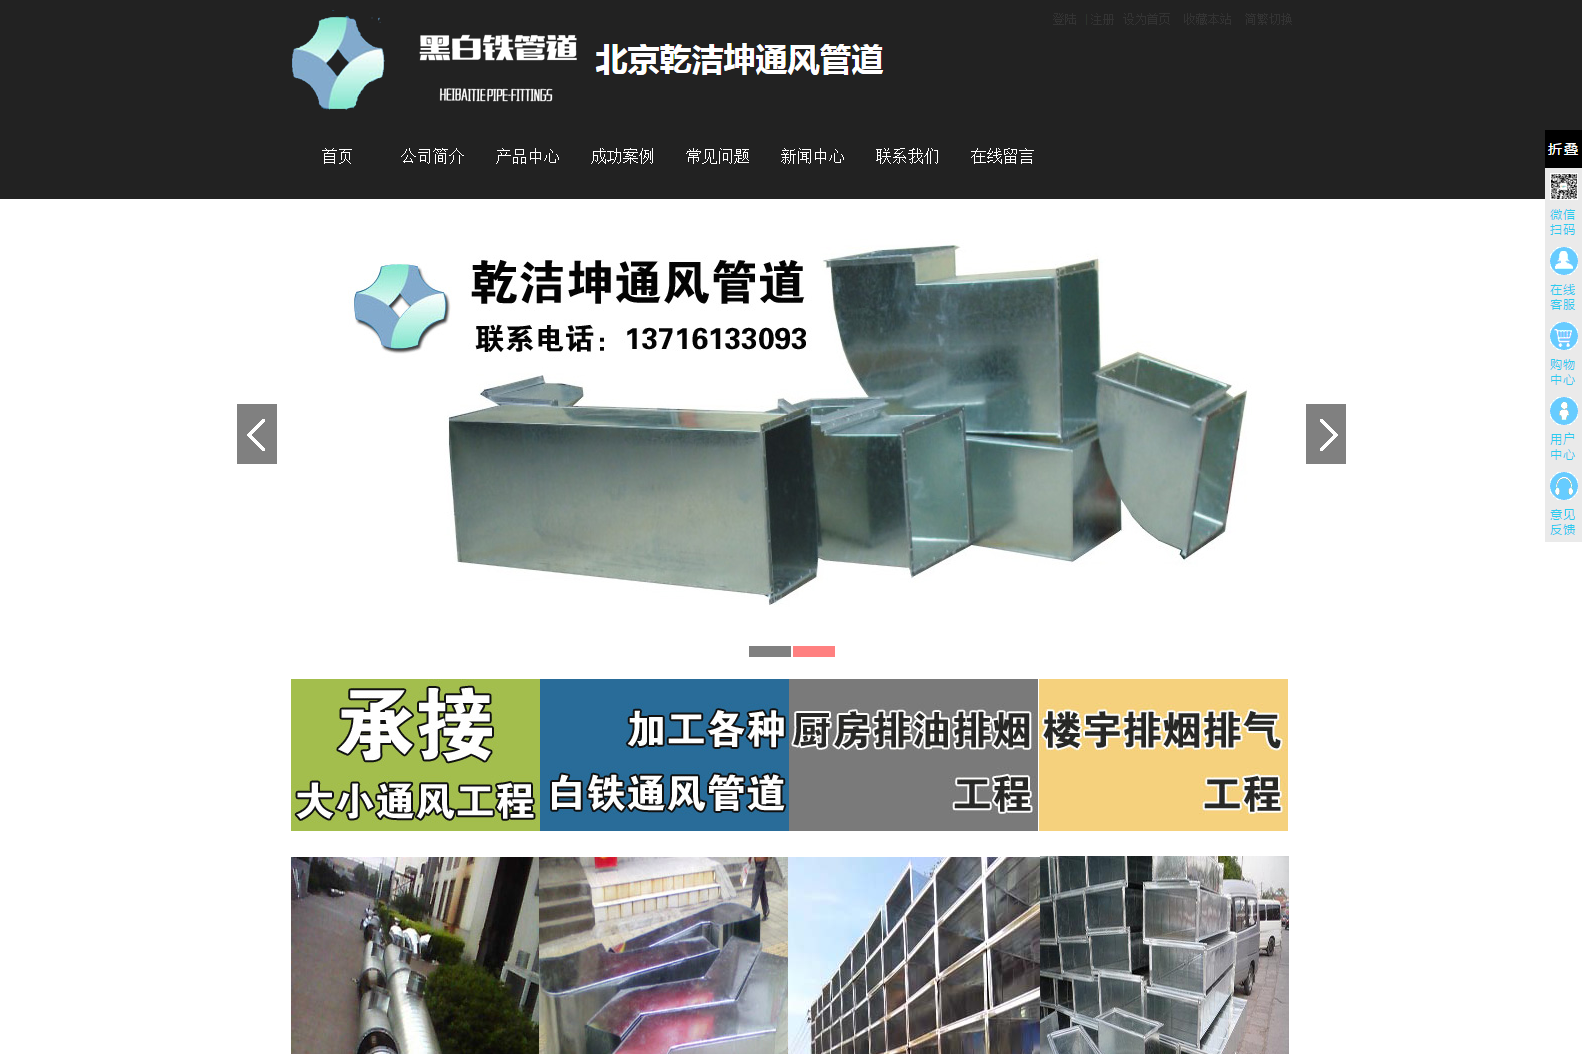 北京乾洁坤通风管道网站建设项目